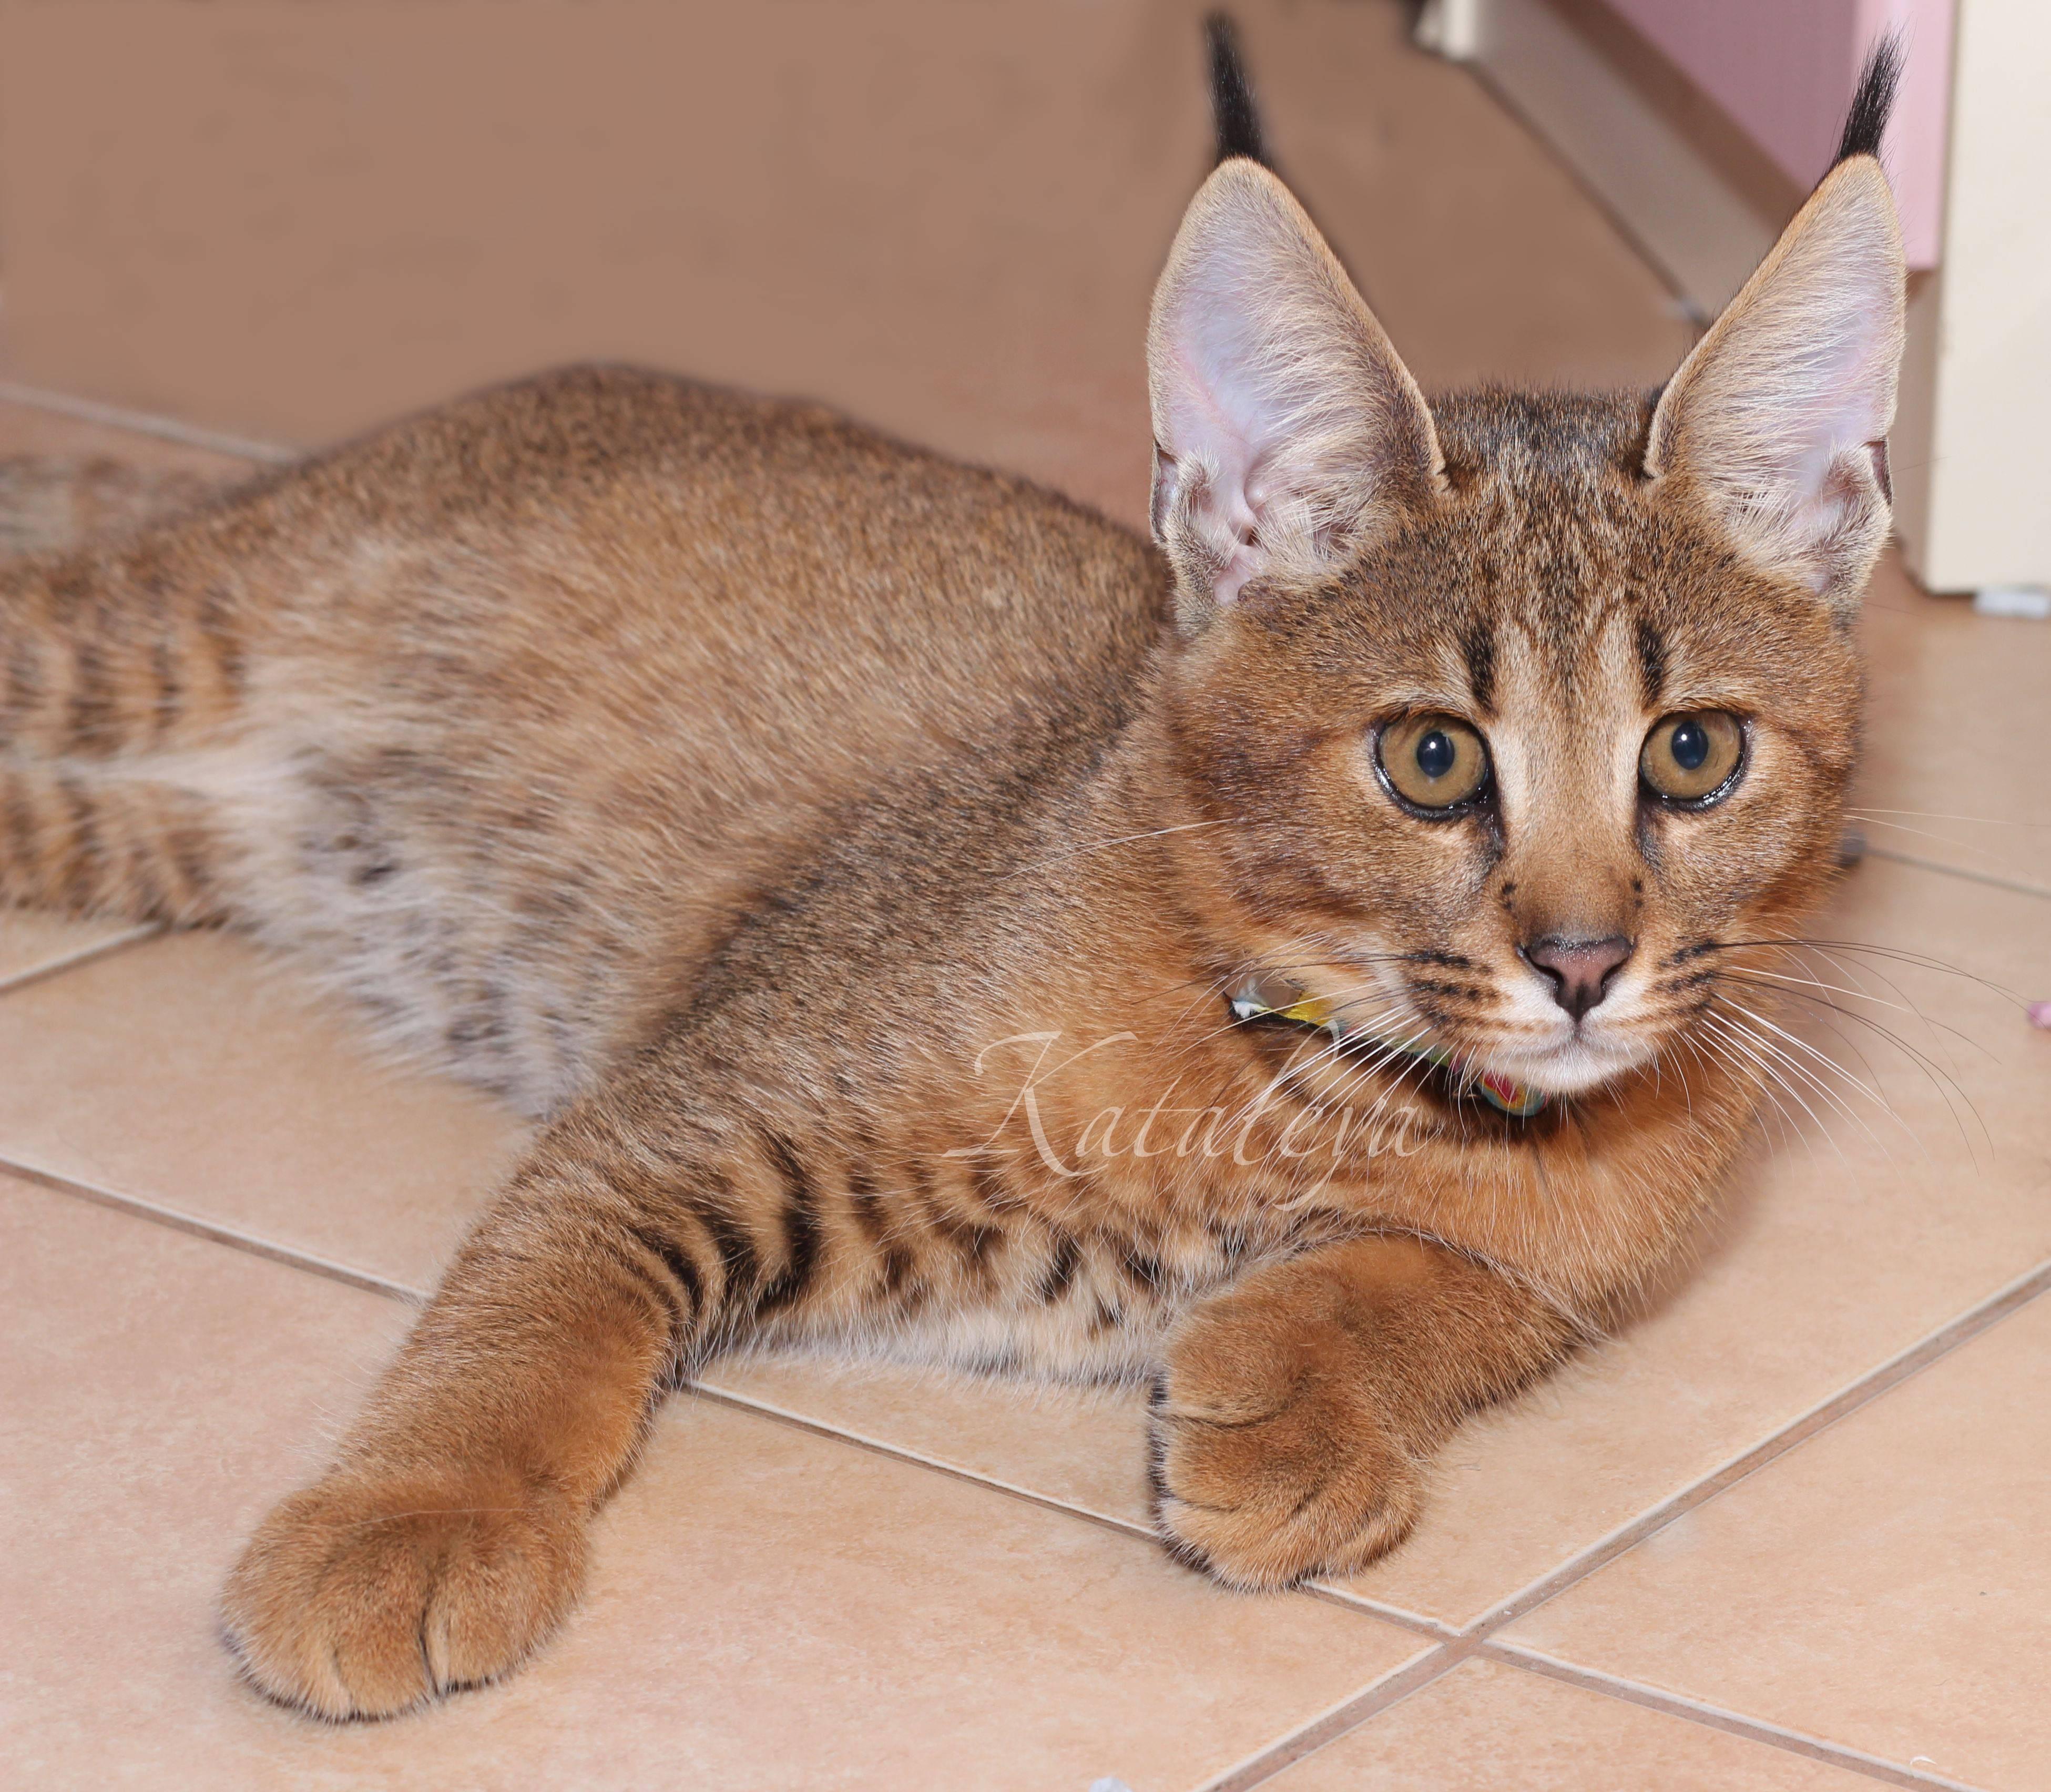 Сомалийская кошка: фото, описание, окрас, характер, стандарт породы